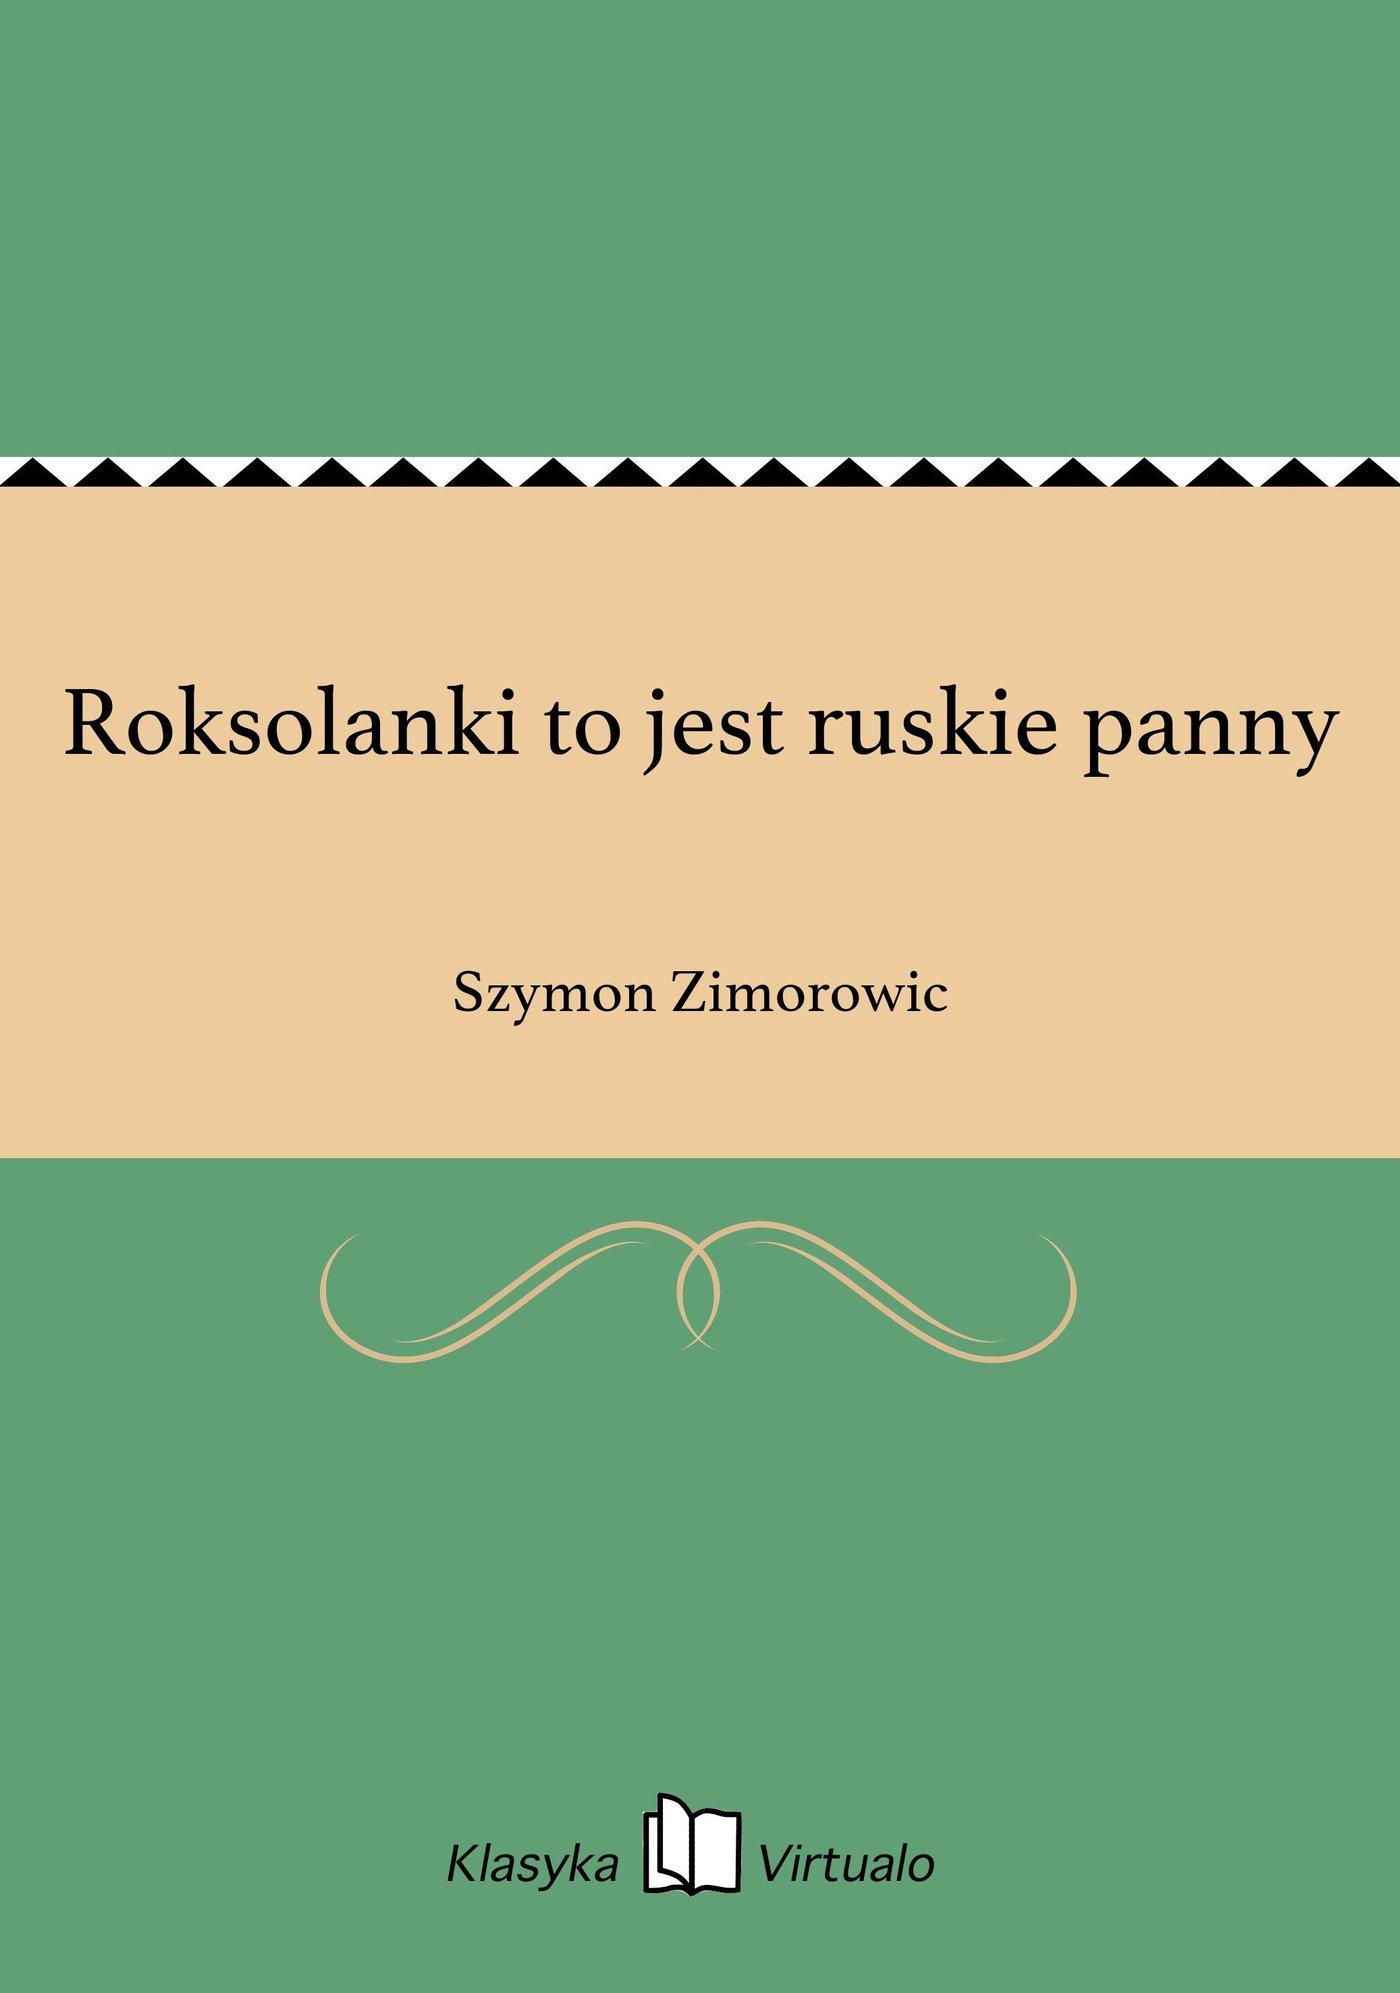 Roksolanki to jest ruskie panny - Ebook (Książka EPUB) do pobrania w formacie EPUB